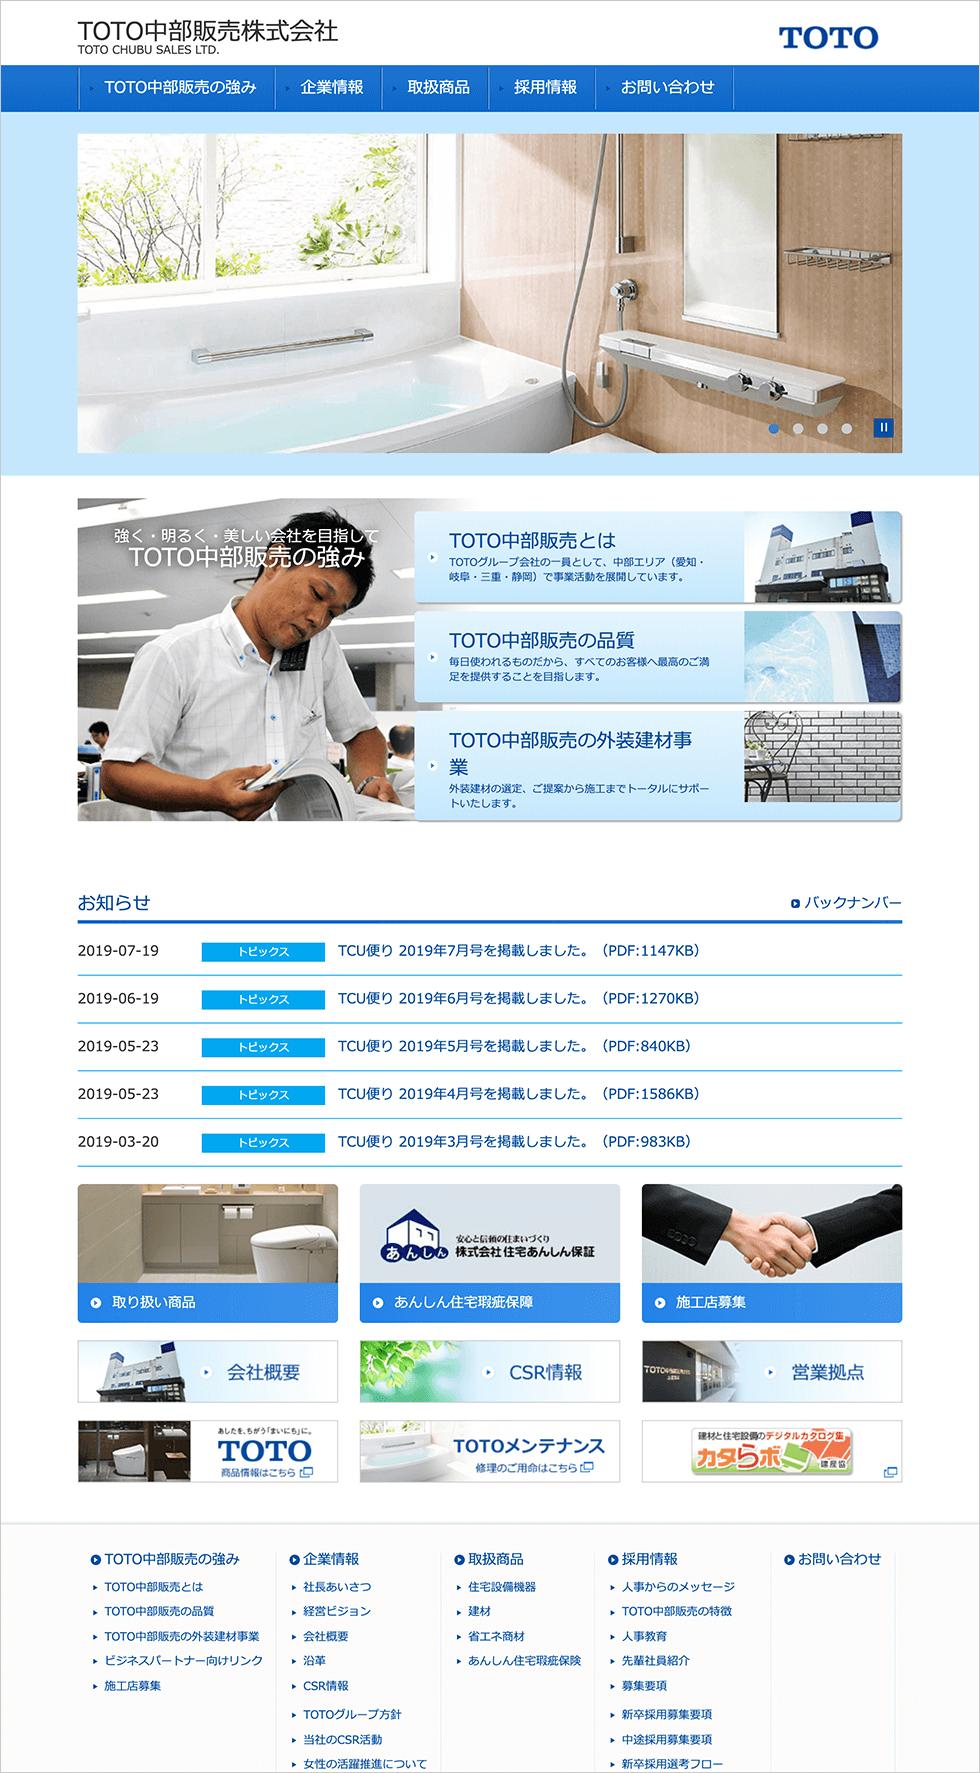 TOTO中部販売のPCトップページ画像